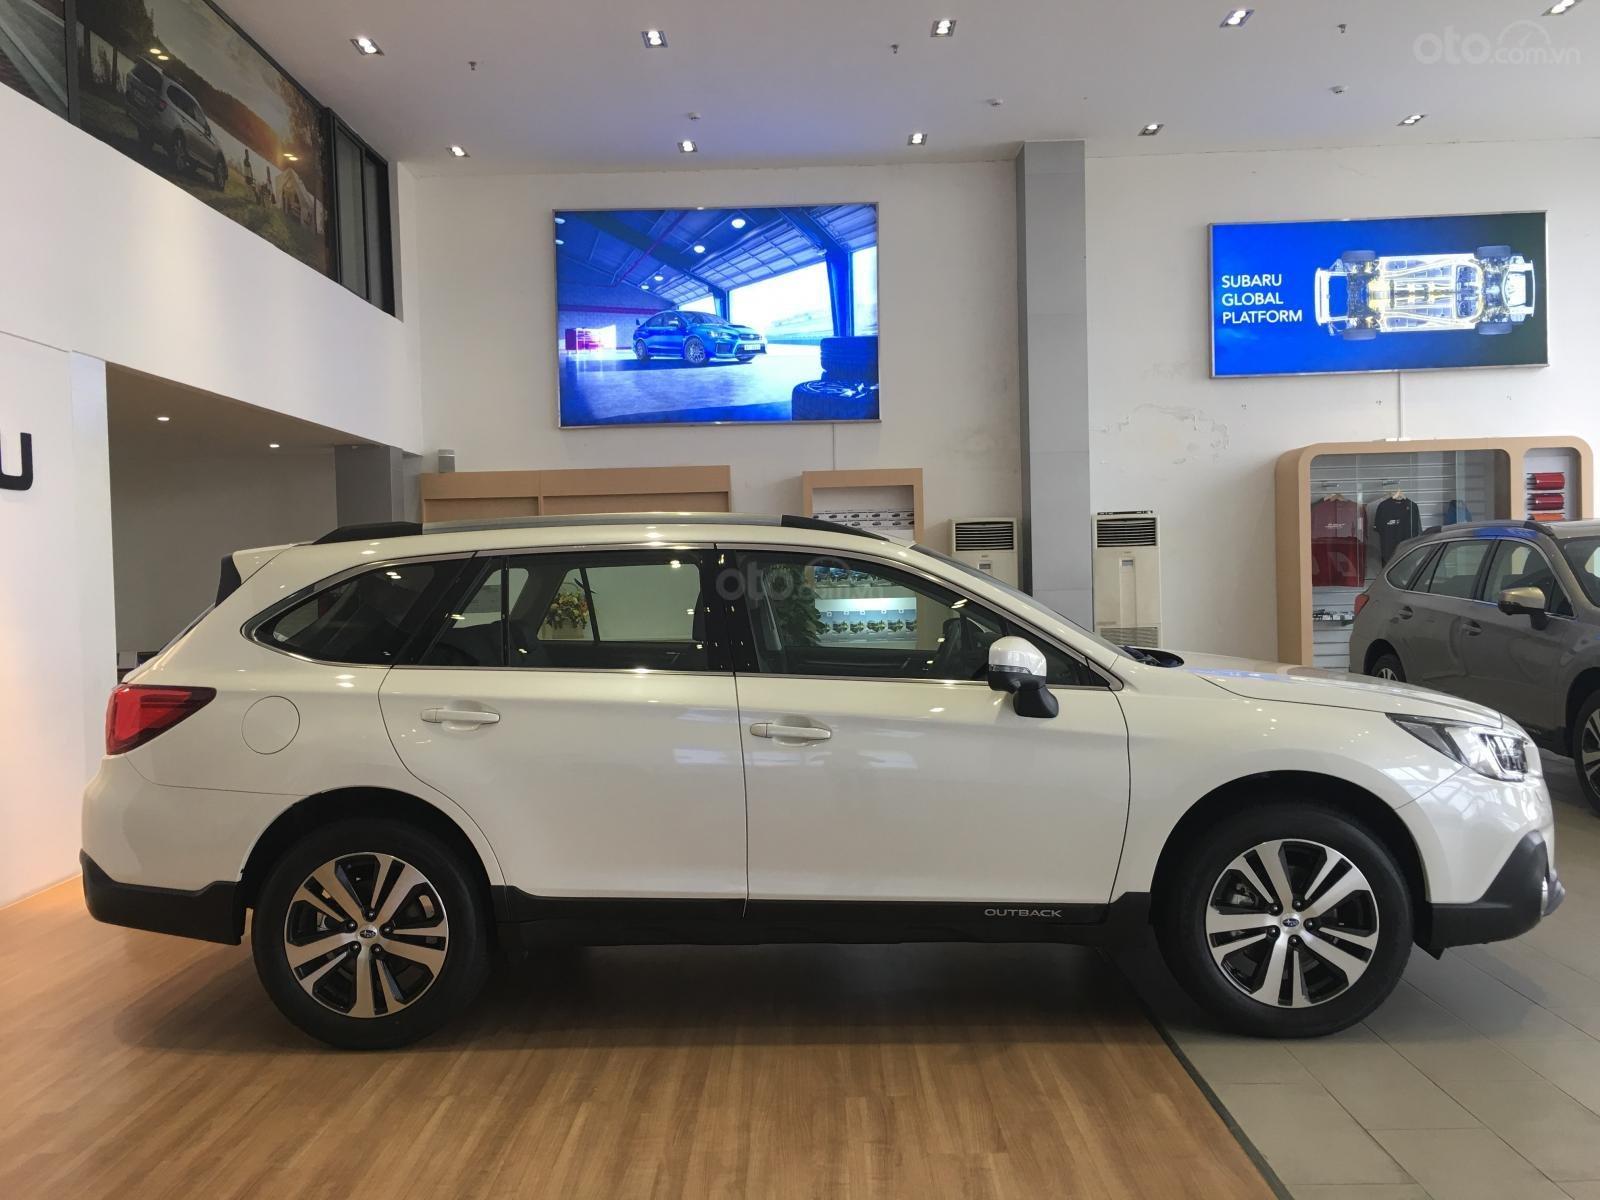 Bán Subaru Outback 2.5 EyeSight tại miền Trung, màu trắng, nhập khẩu nguyên chiếc từ Nhật Bản (1)